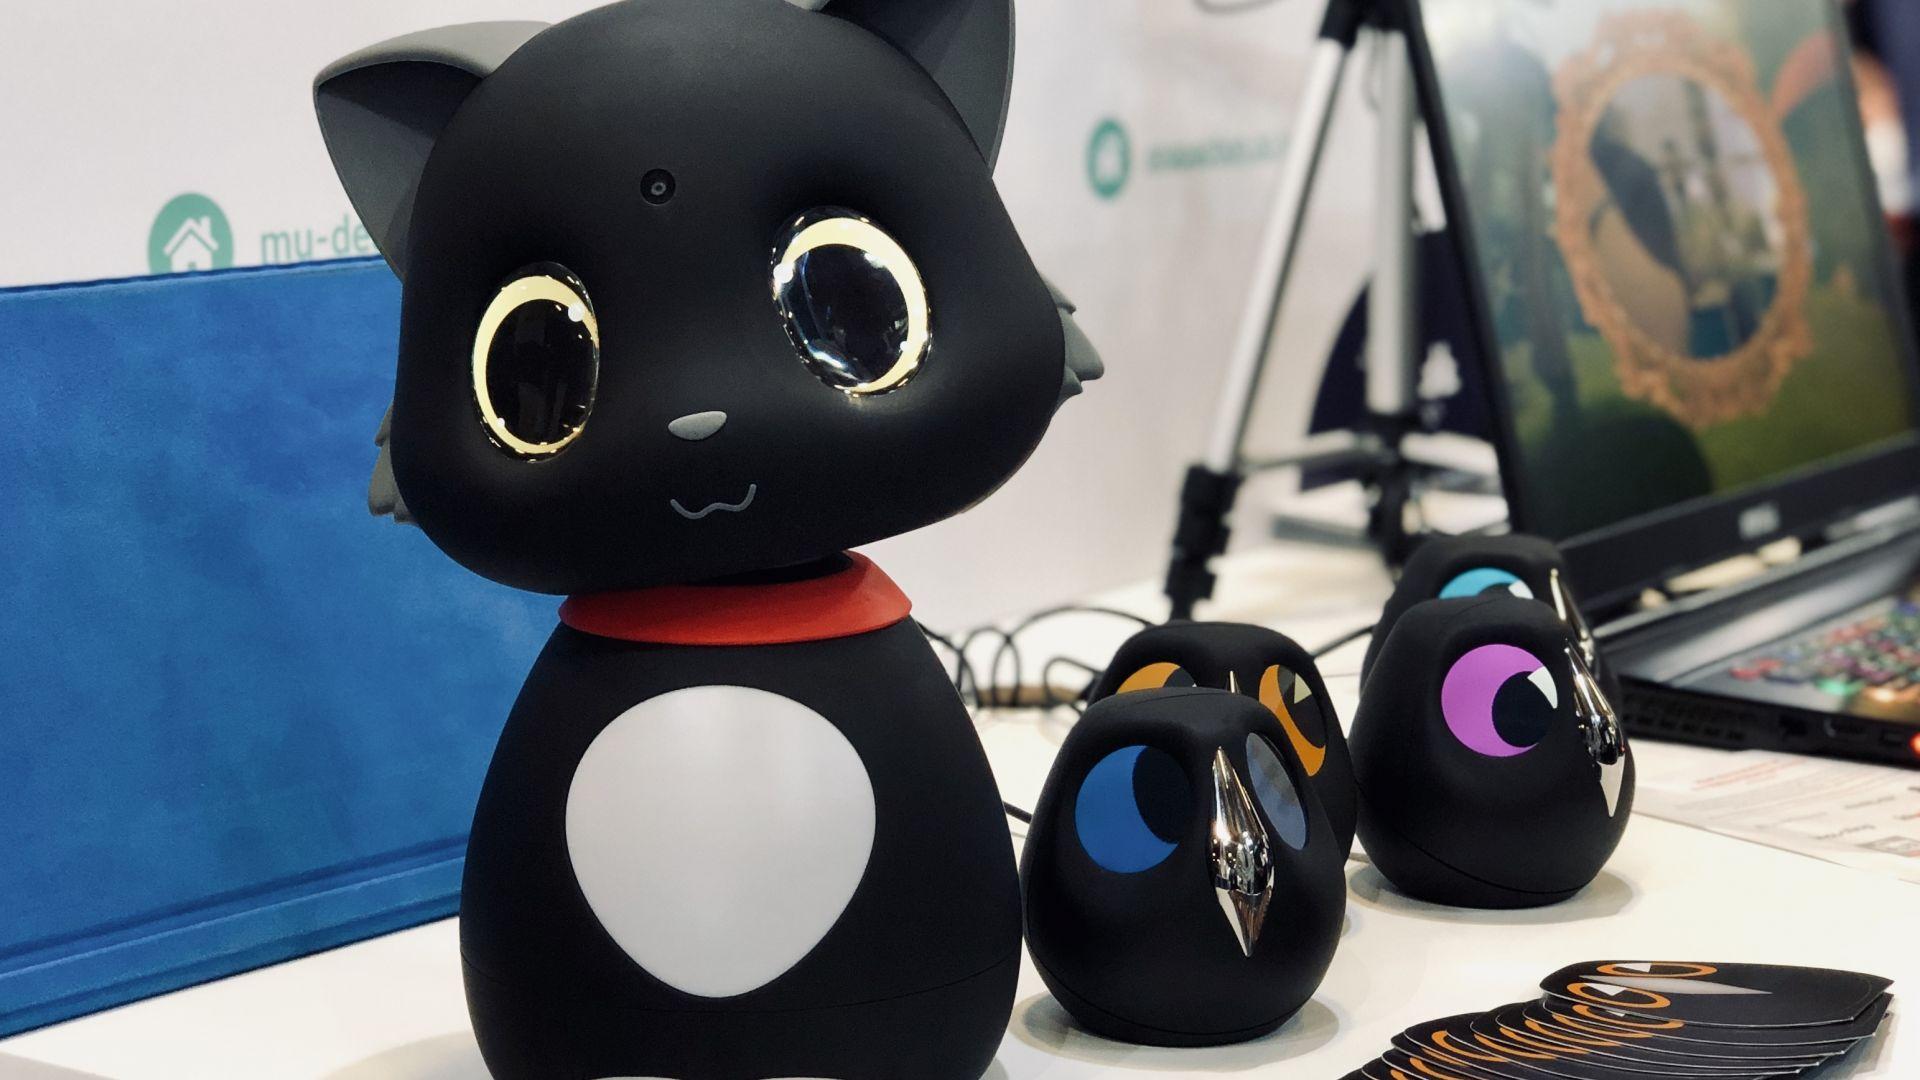 Китайци създадоха котка робот